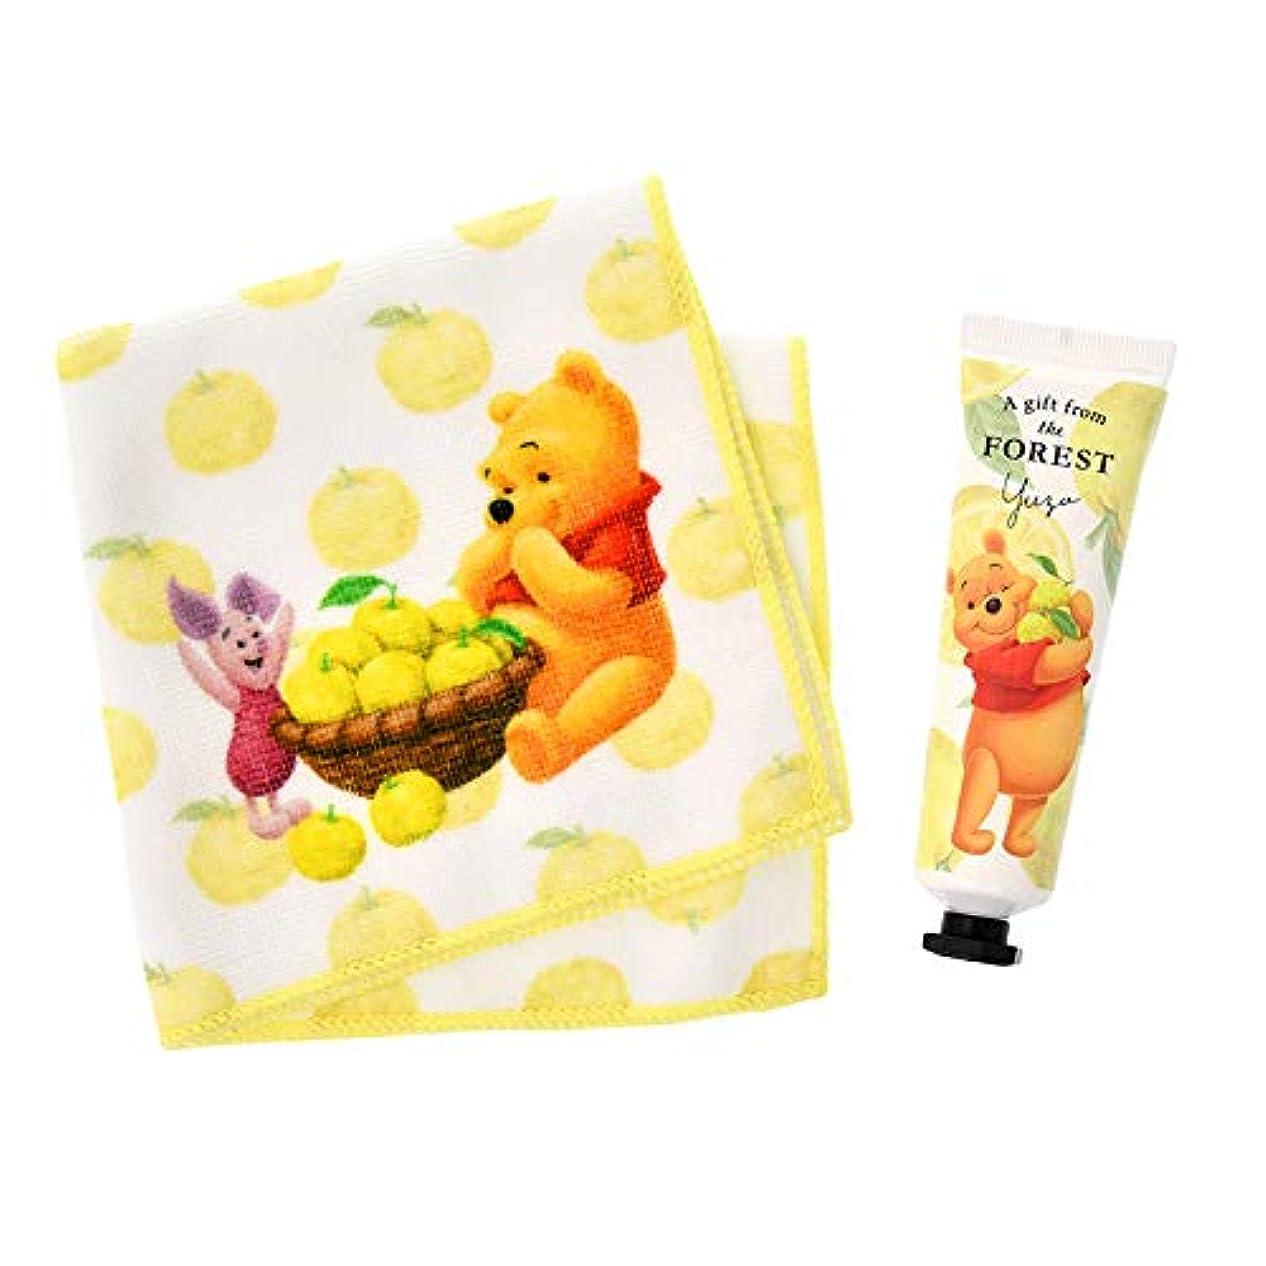 誘惑夢引き受けるディズニーストア(公式)プーさん&ピグレット ハンドクリーム セット Yuzu Pooh